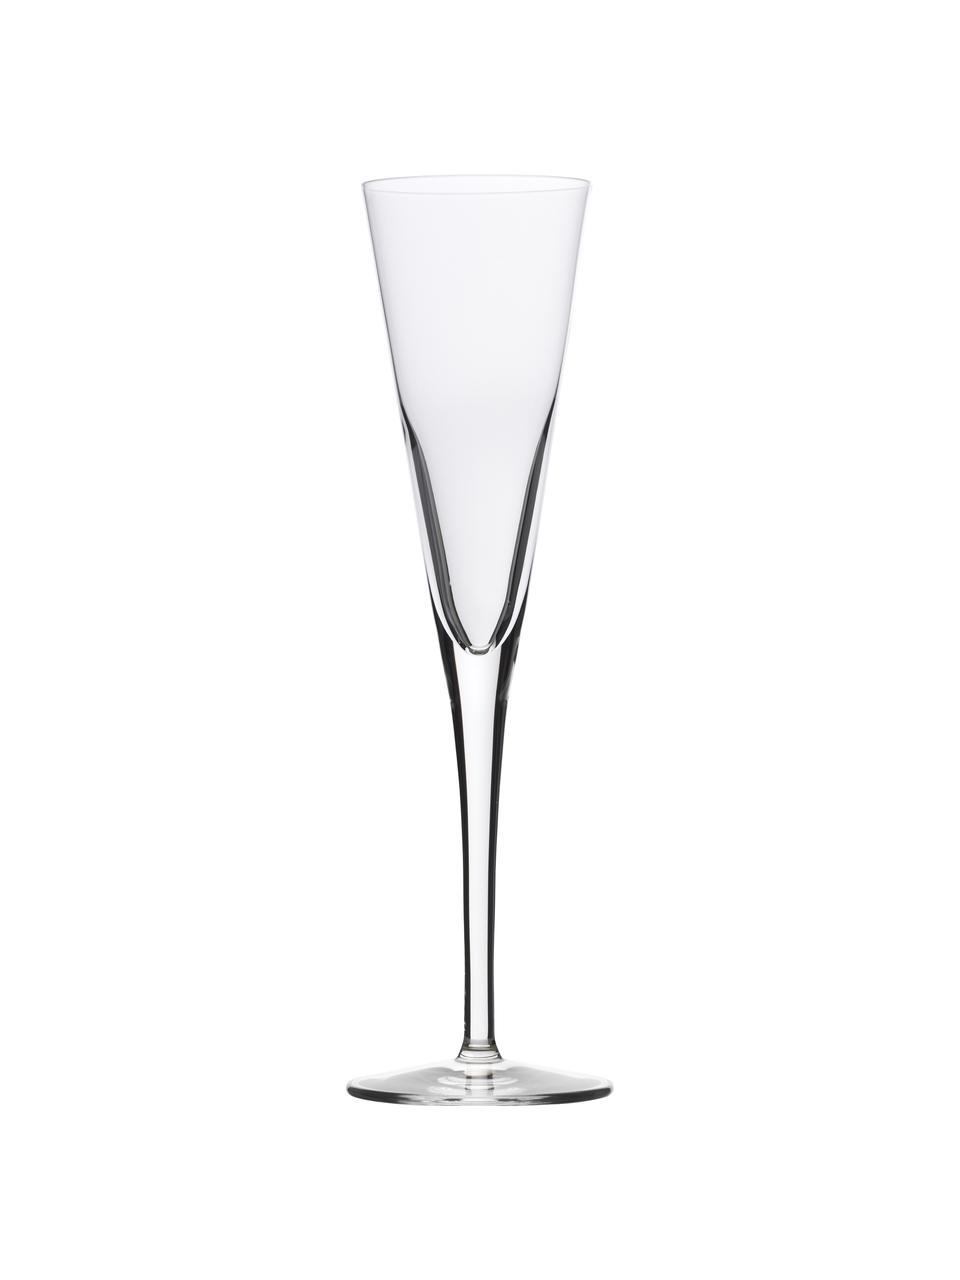 Kryształowy kieliszek do szampana  Event, 6 szt., Szkło kryształowe, Transparentny, Ø 7 x W 24 cm